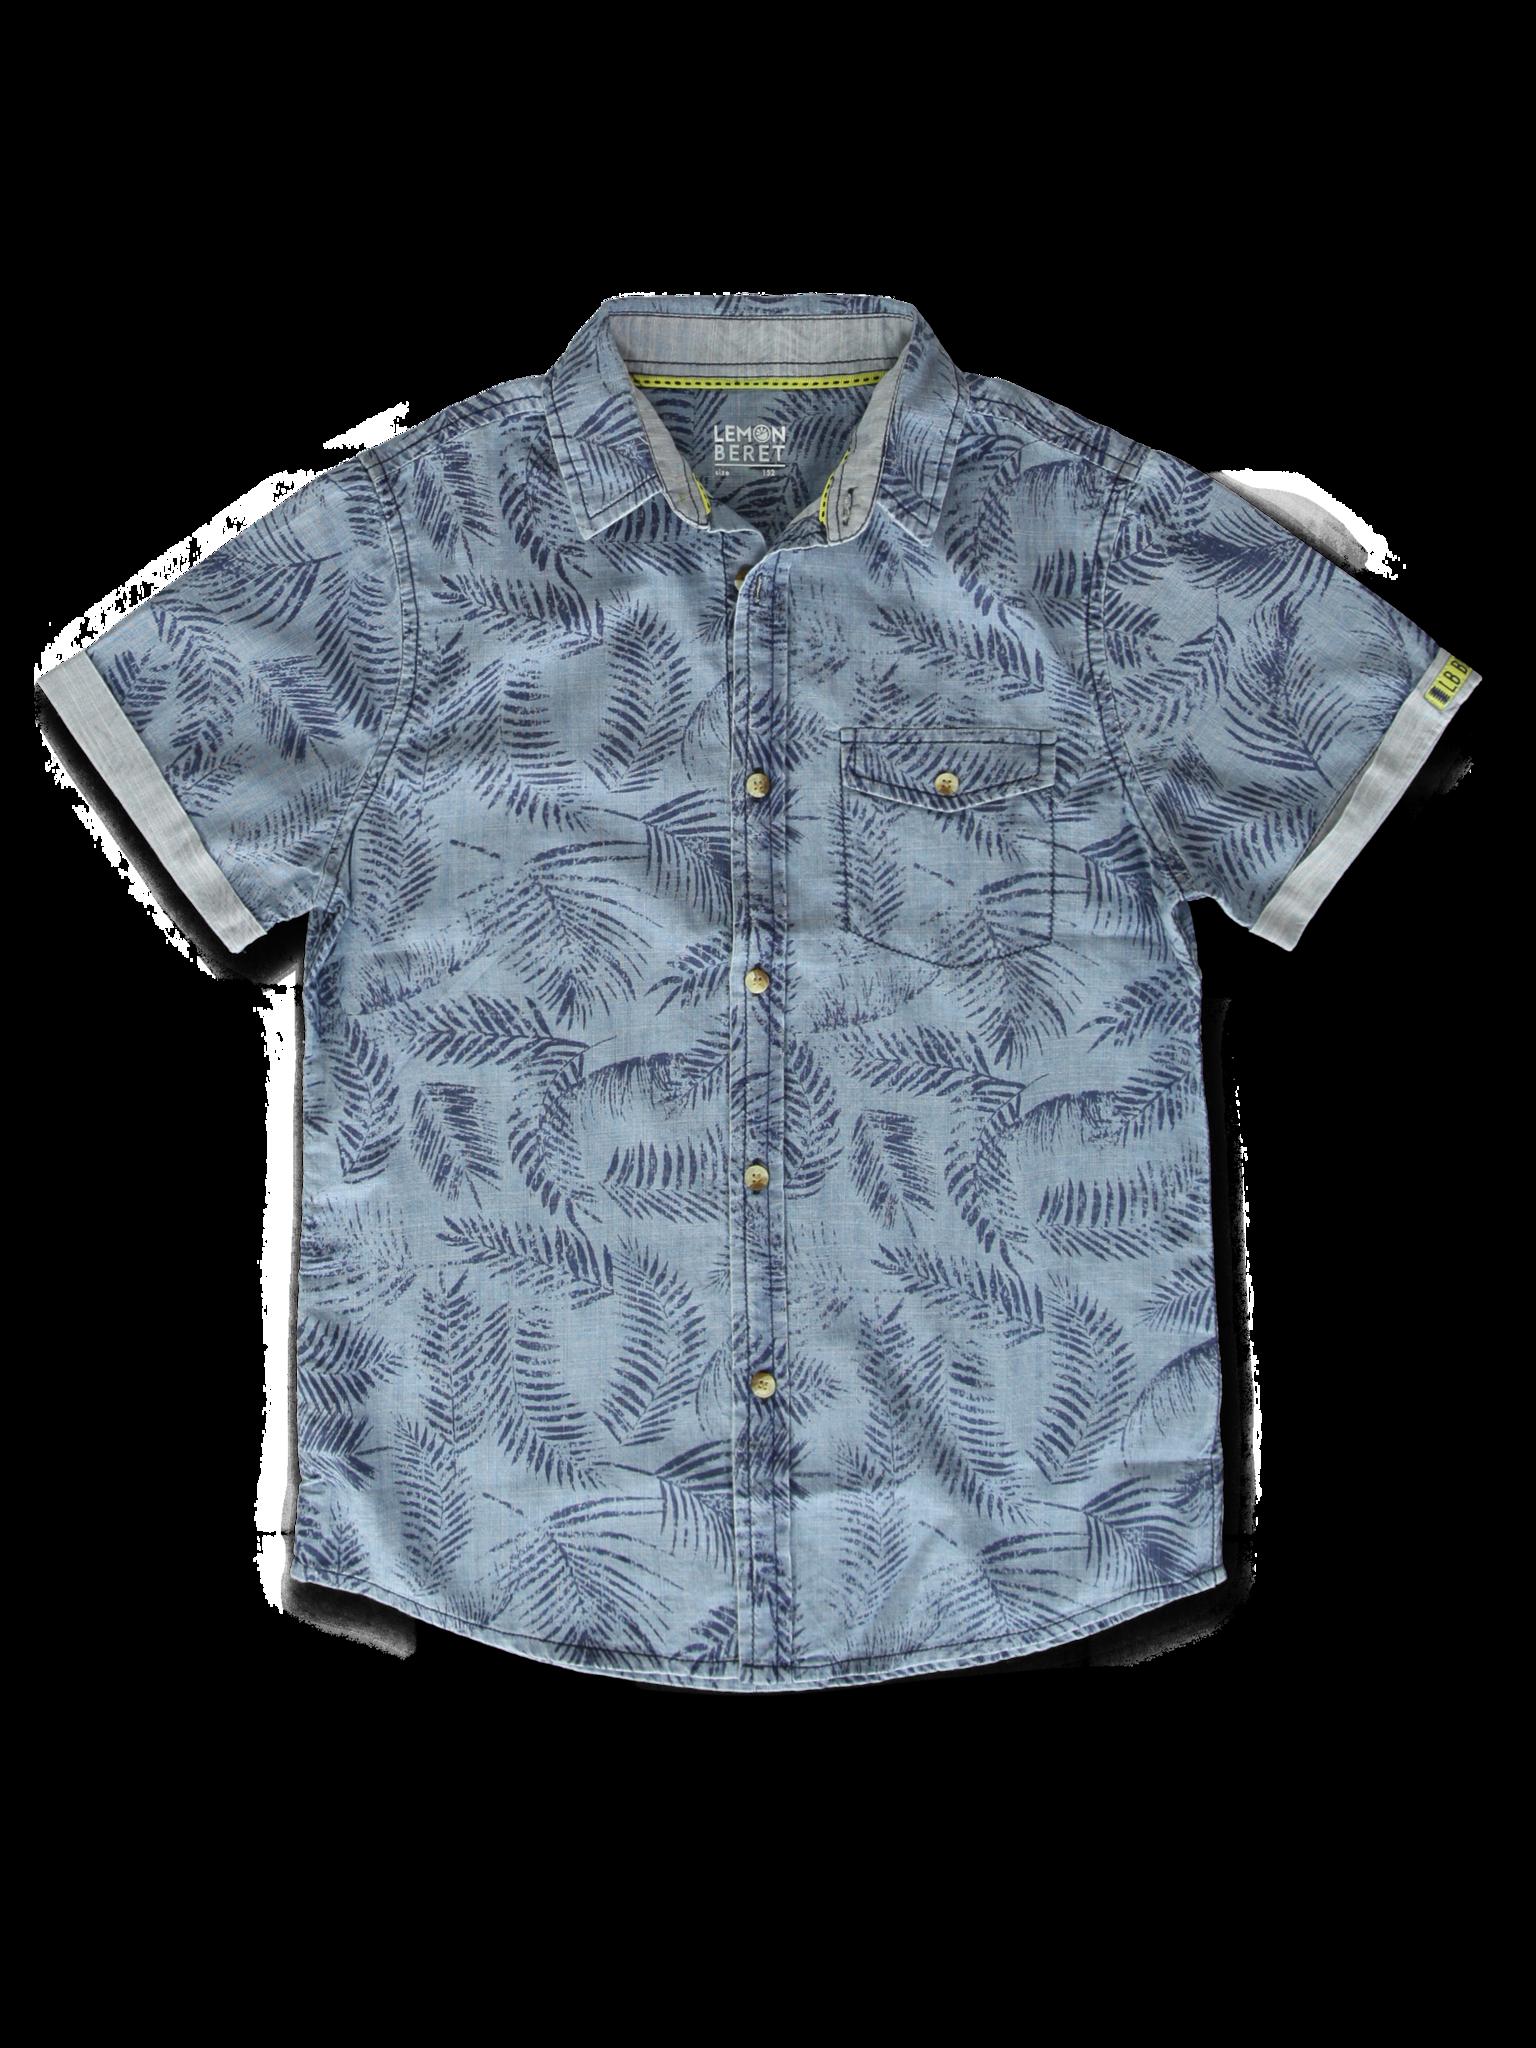 All Brands | Summerproducts Teen Boys | Shirt | 10 pcs/box